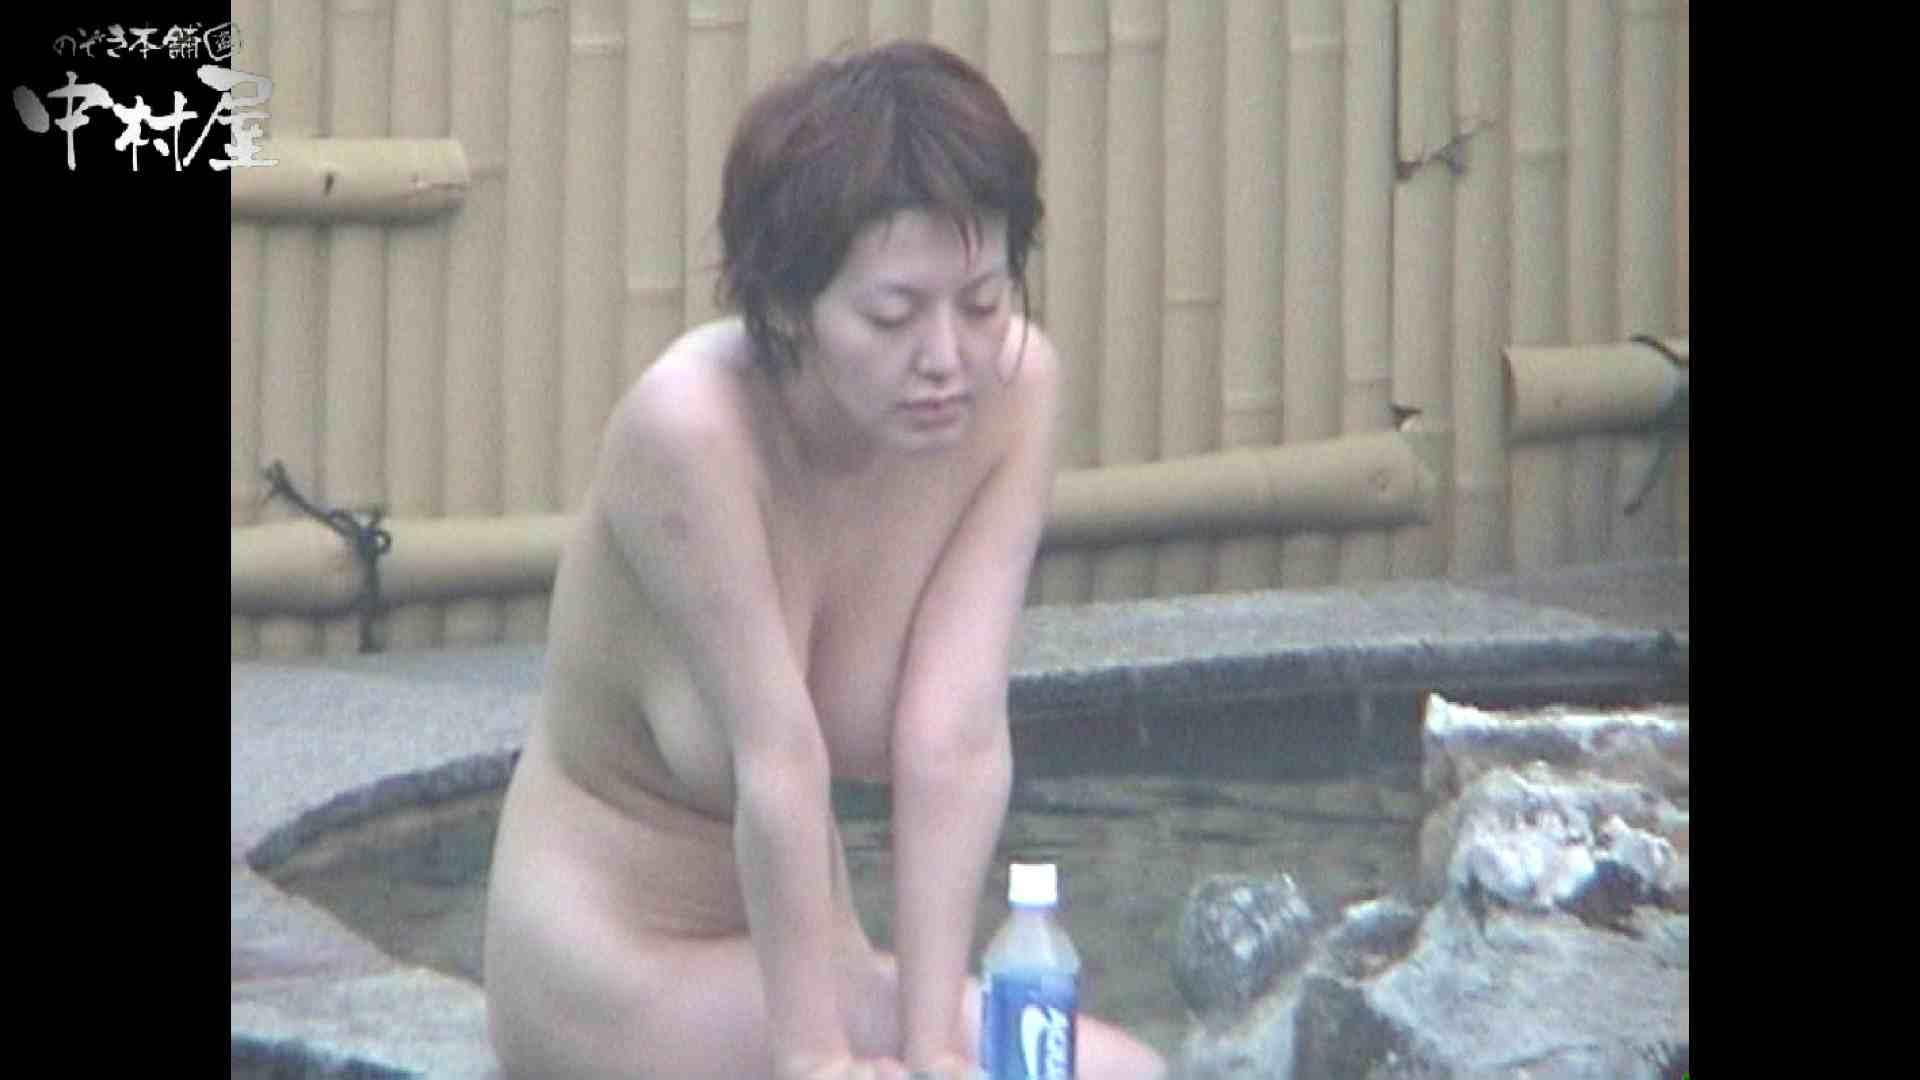 Aquaな露天風呂Vol.959 OL  29pic 19